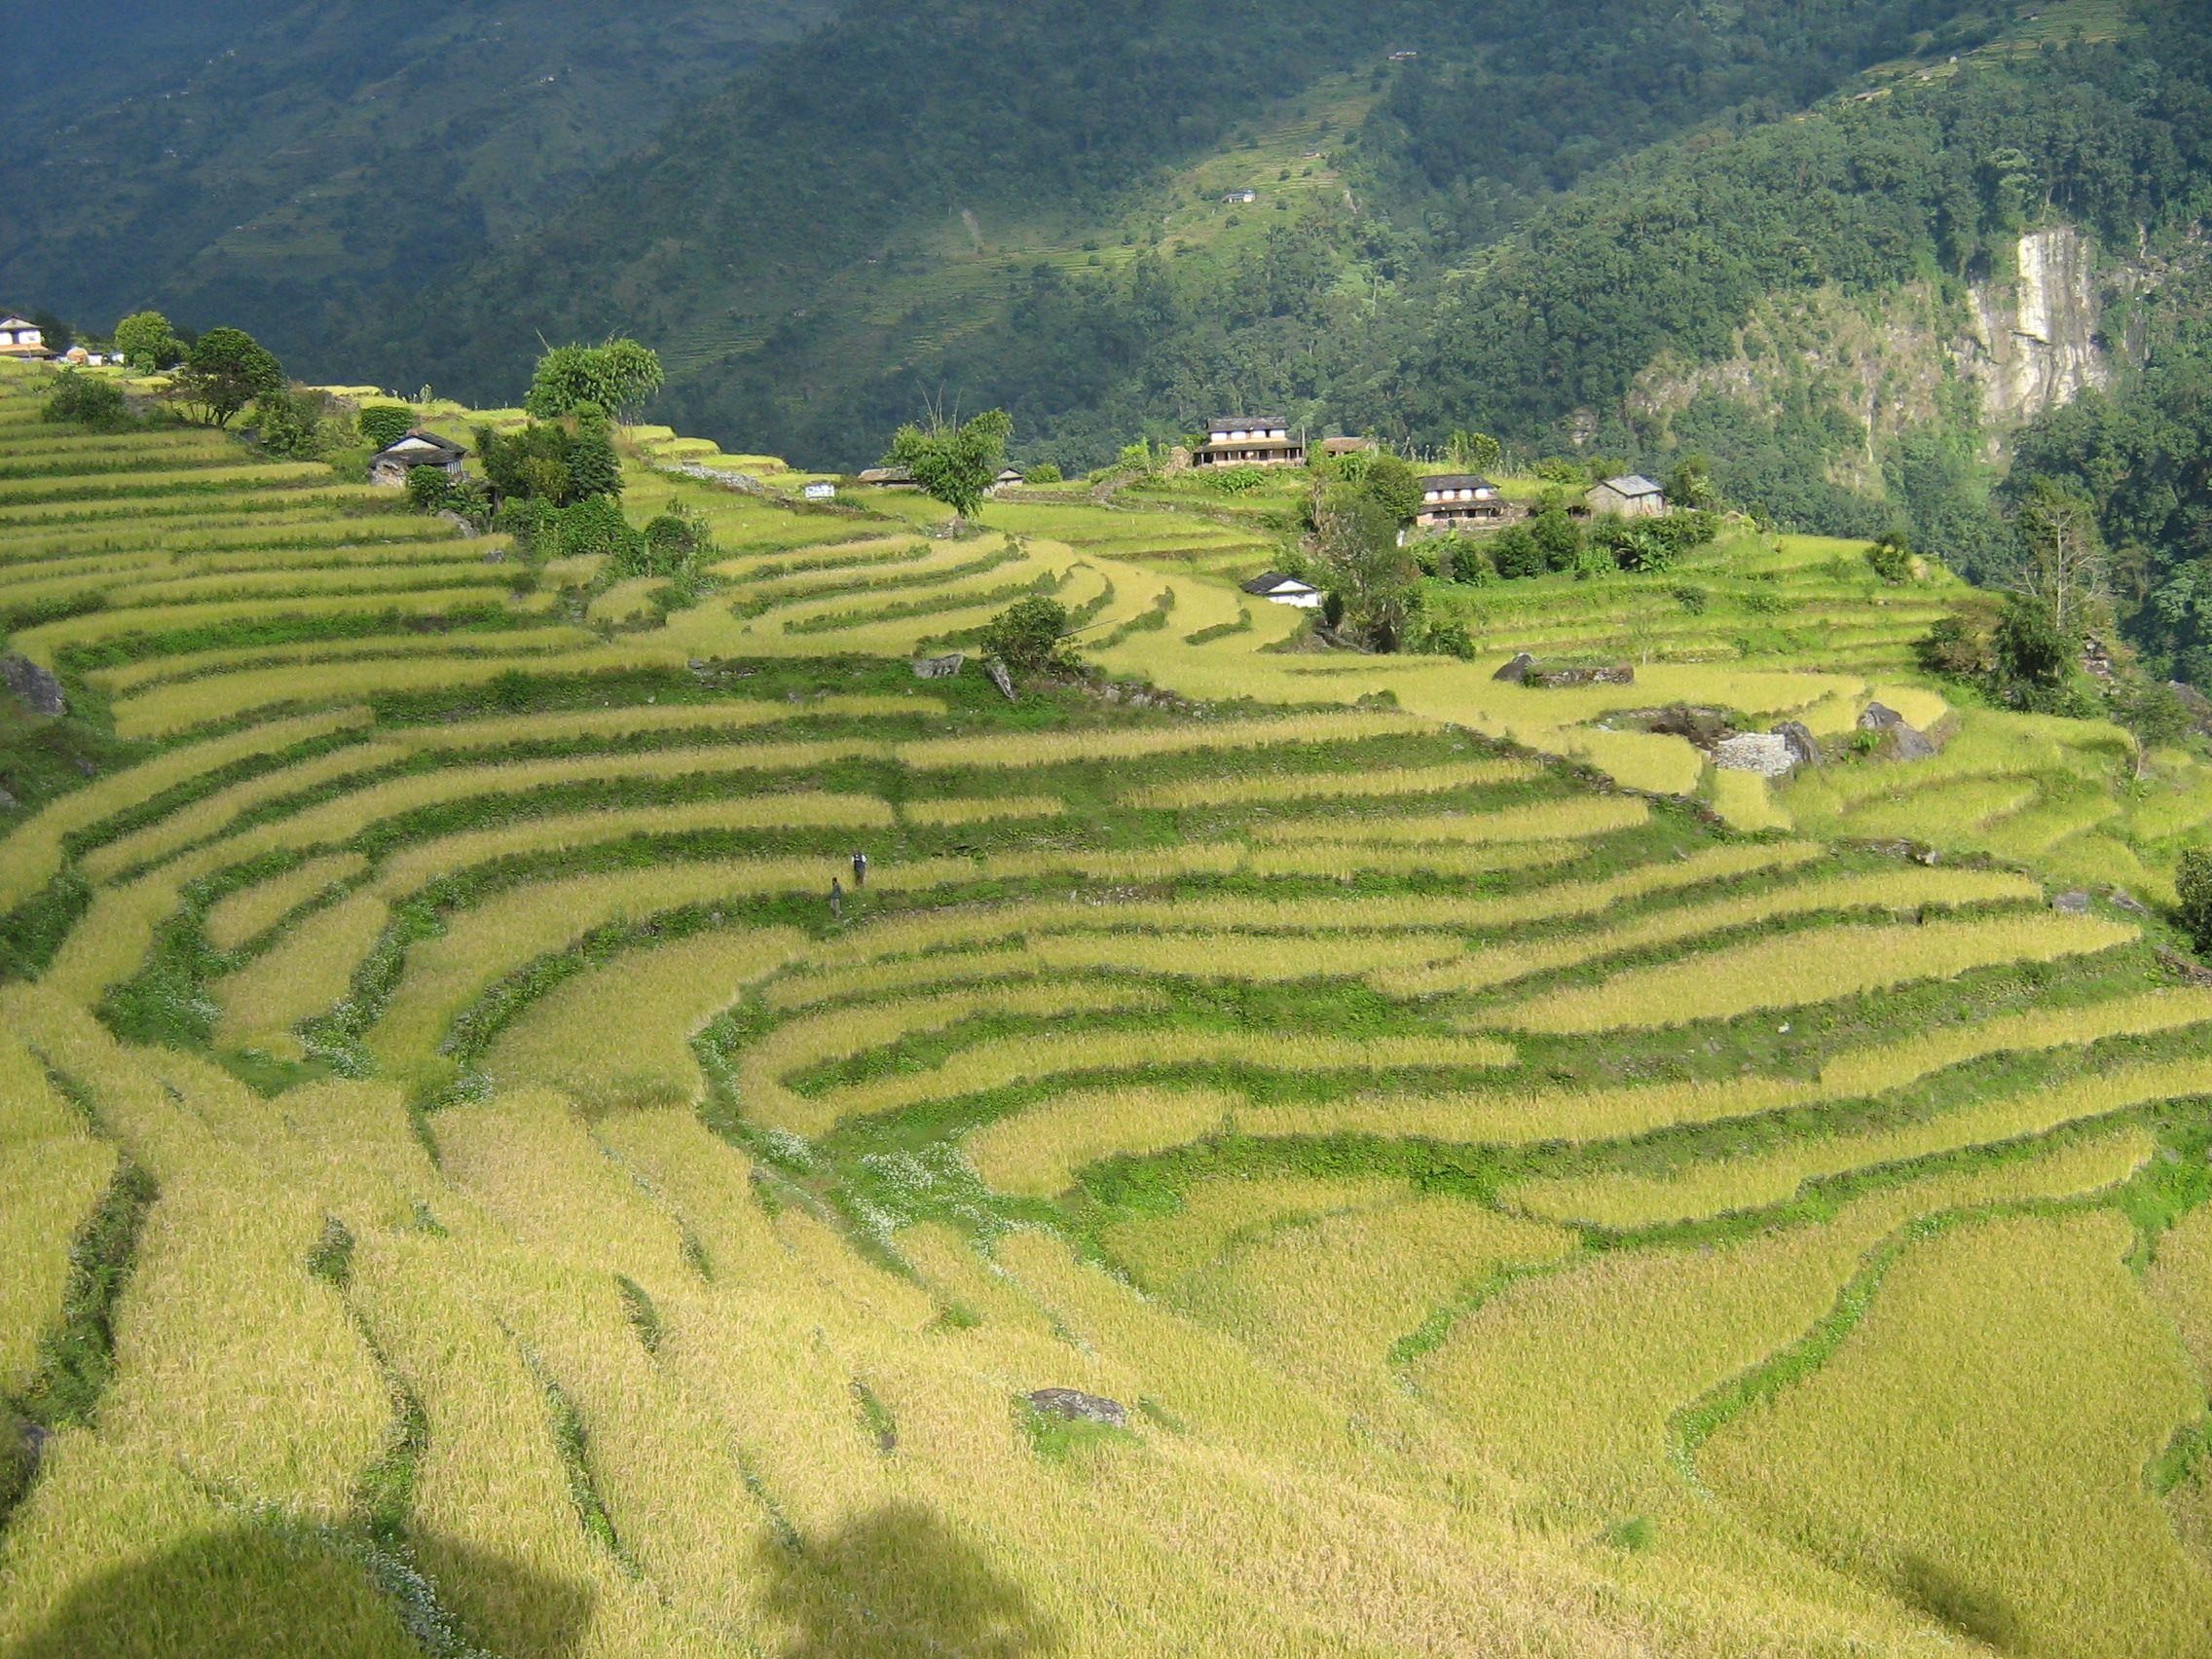 trekking companies trekking in nepal nepal trekking permit